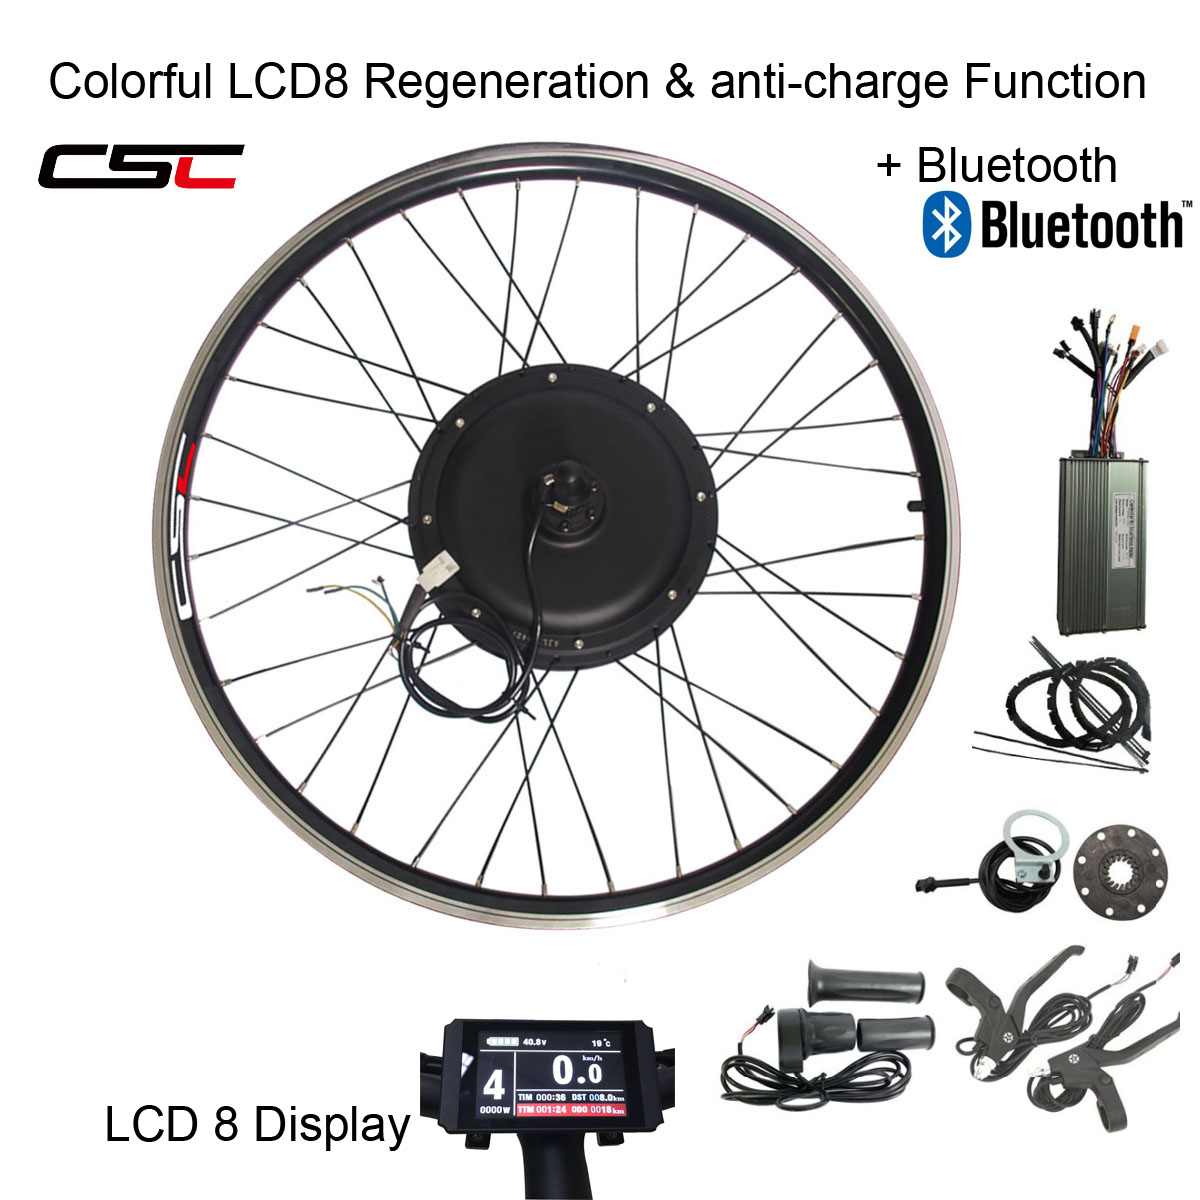 1000W el/éctrico E Kit de conversi/ón de la bici de 26 Sensor de velocidad del kit de la manivela de la herramienta de la rueda delantera del motor Eje de la bicicleta 48V aleaci/ón de aluminio